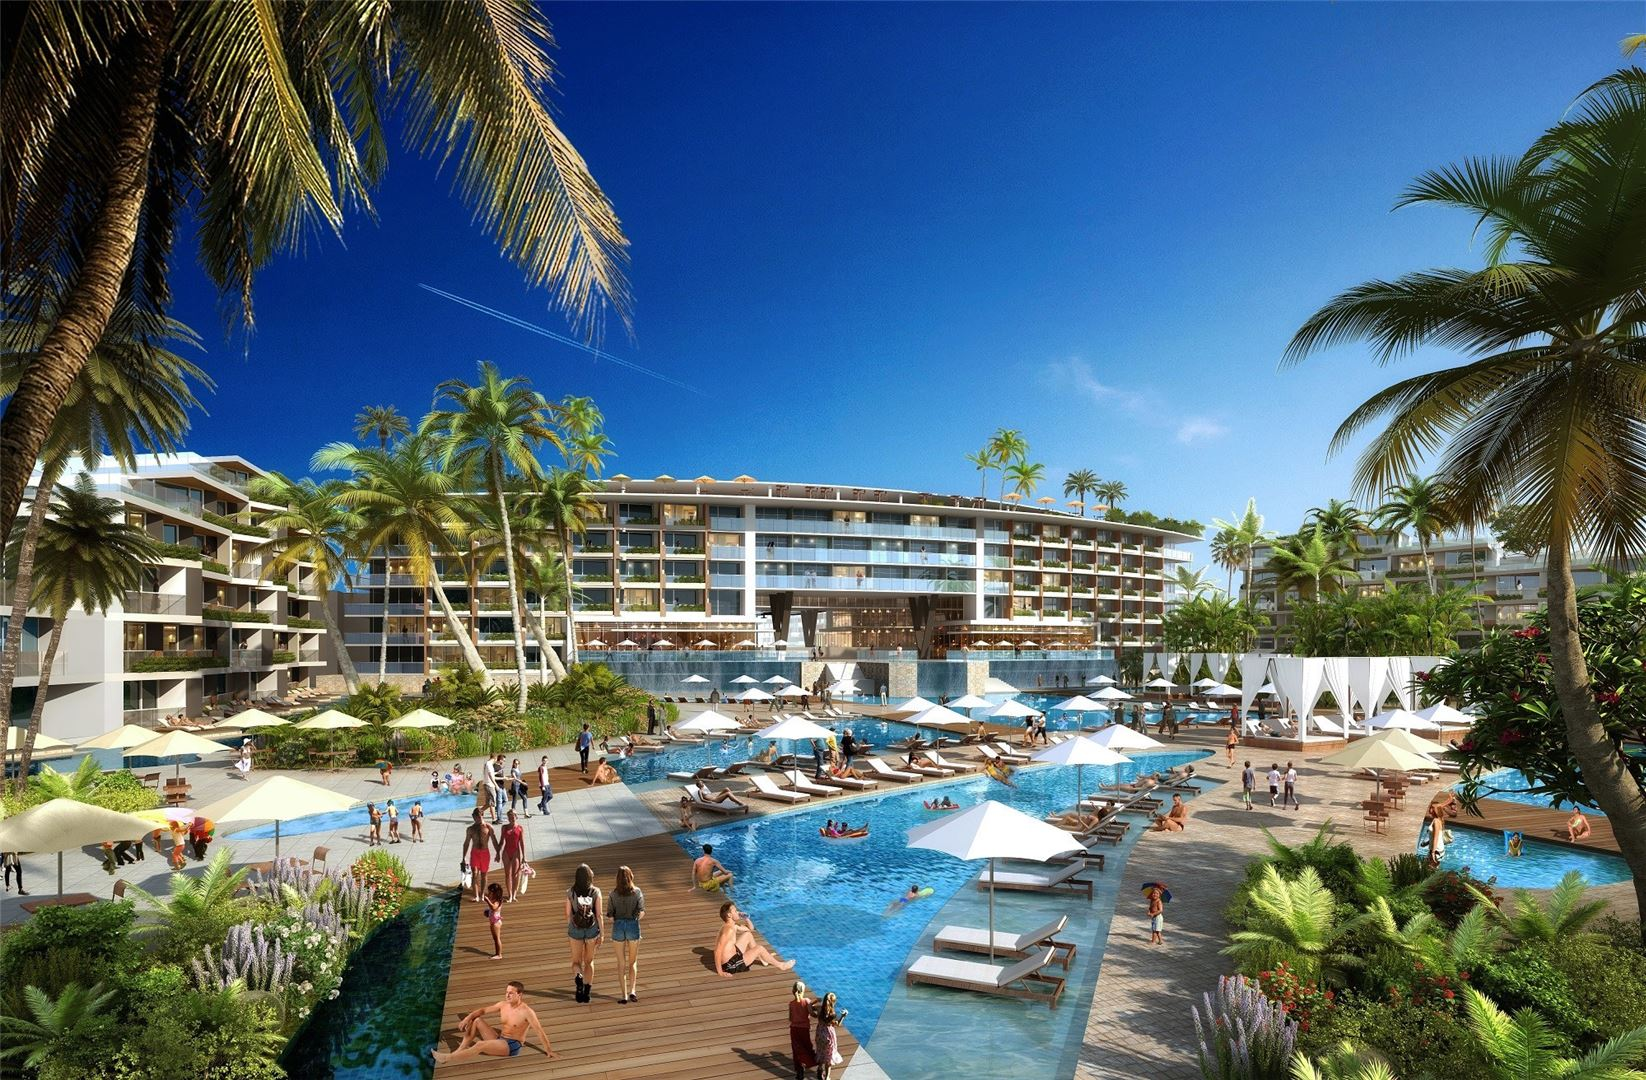 Αποτέλεσμα εικόνας για Caesars Entertainment announces development of Caesars Palace Luxury Resort in Mexico